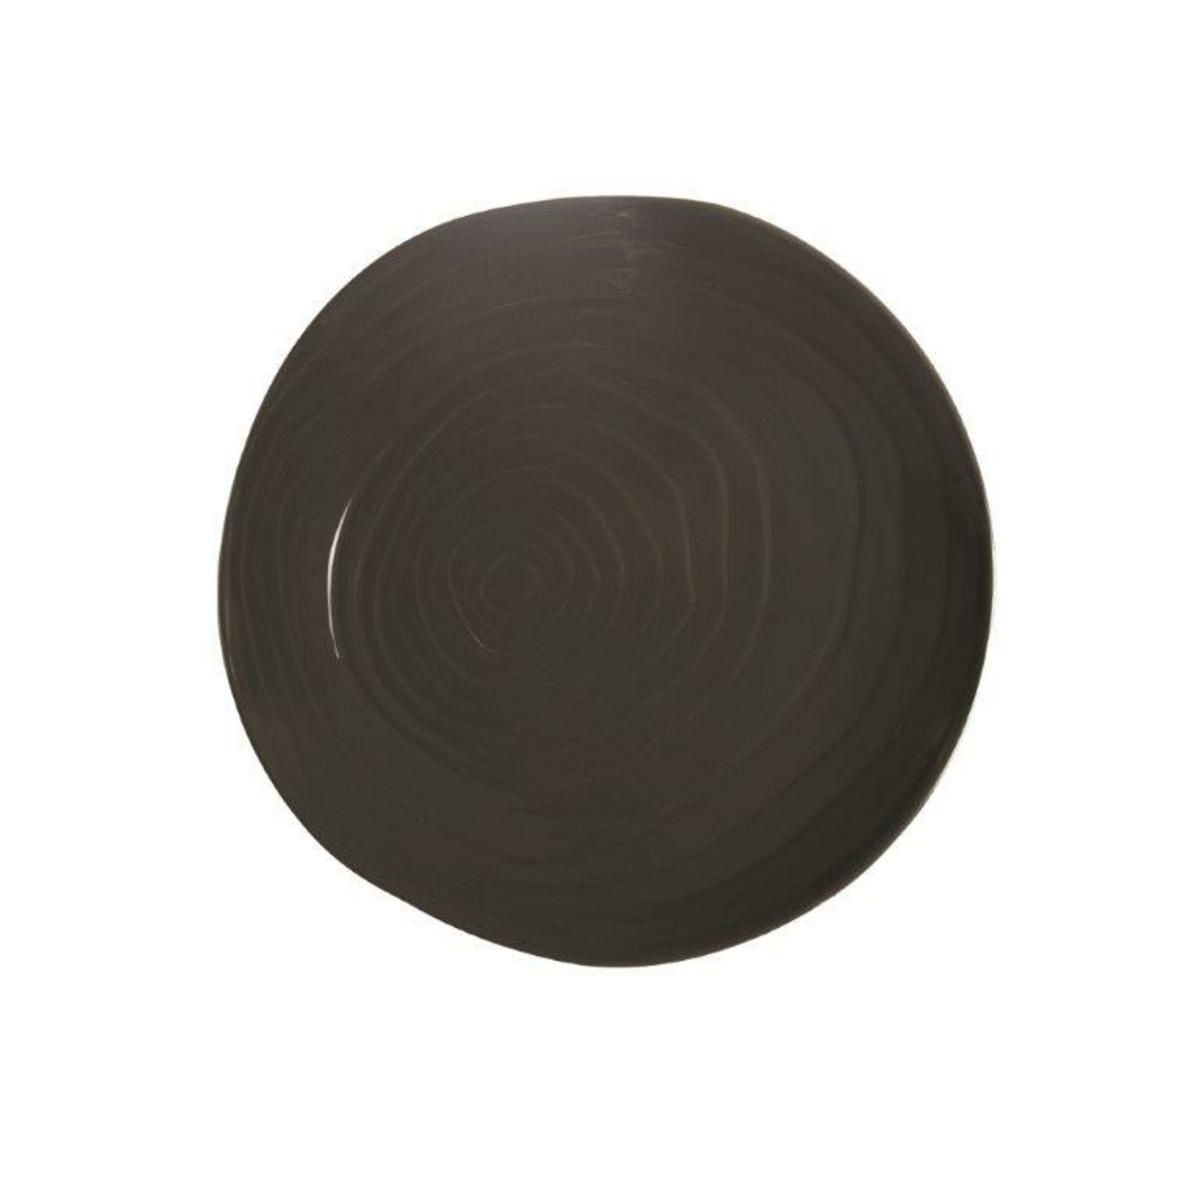 Assiette coupe plate ronde granite porcelaine Ø 21 cm Teck Pillivuyt